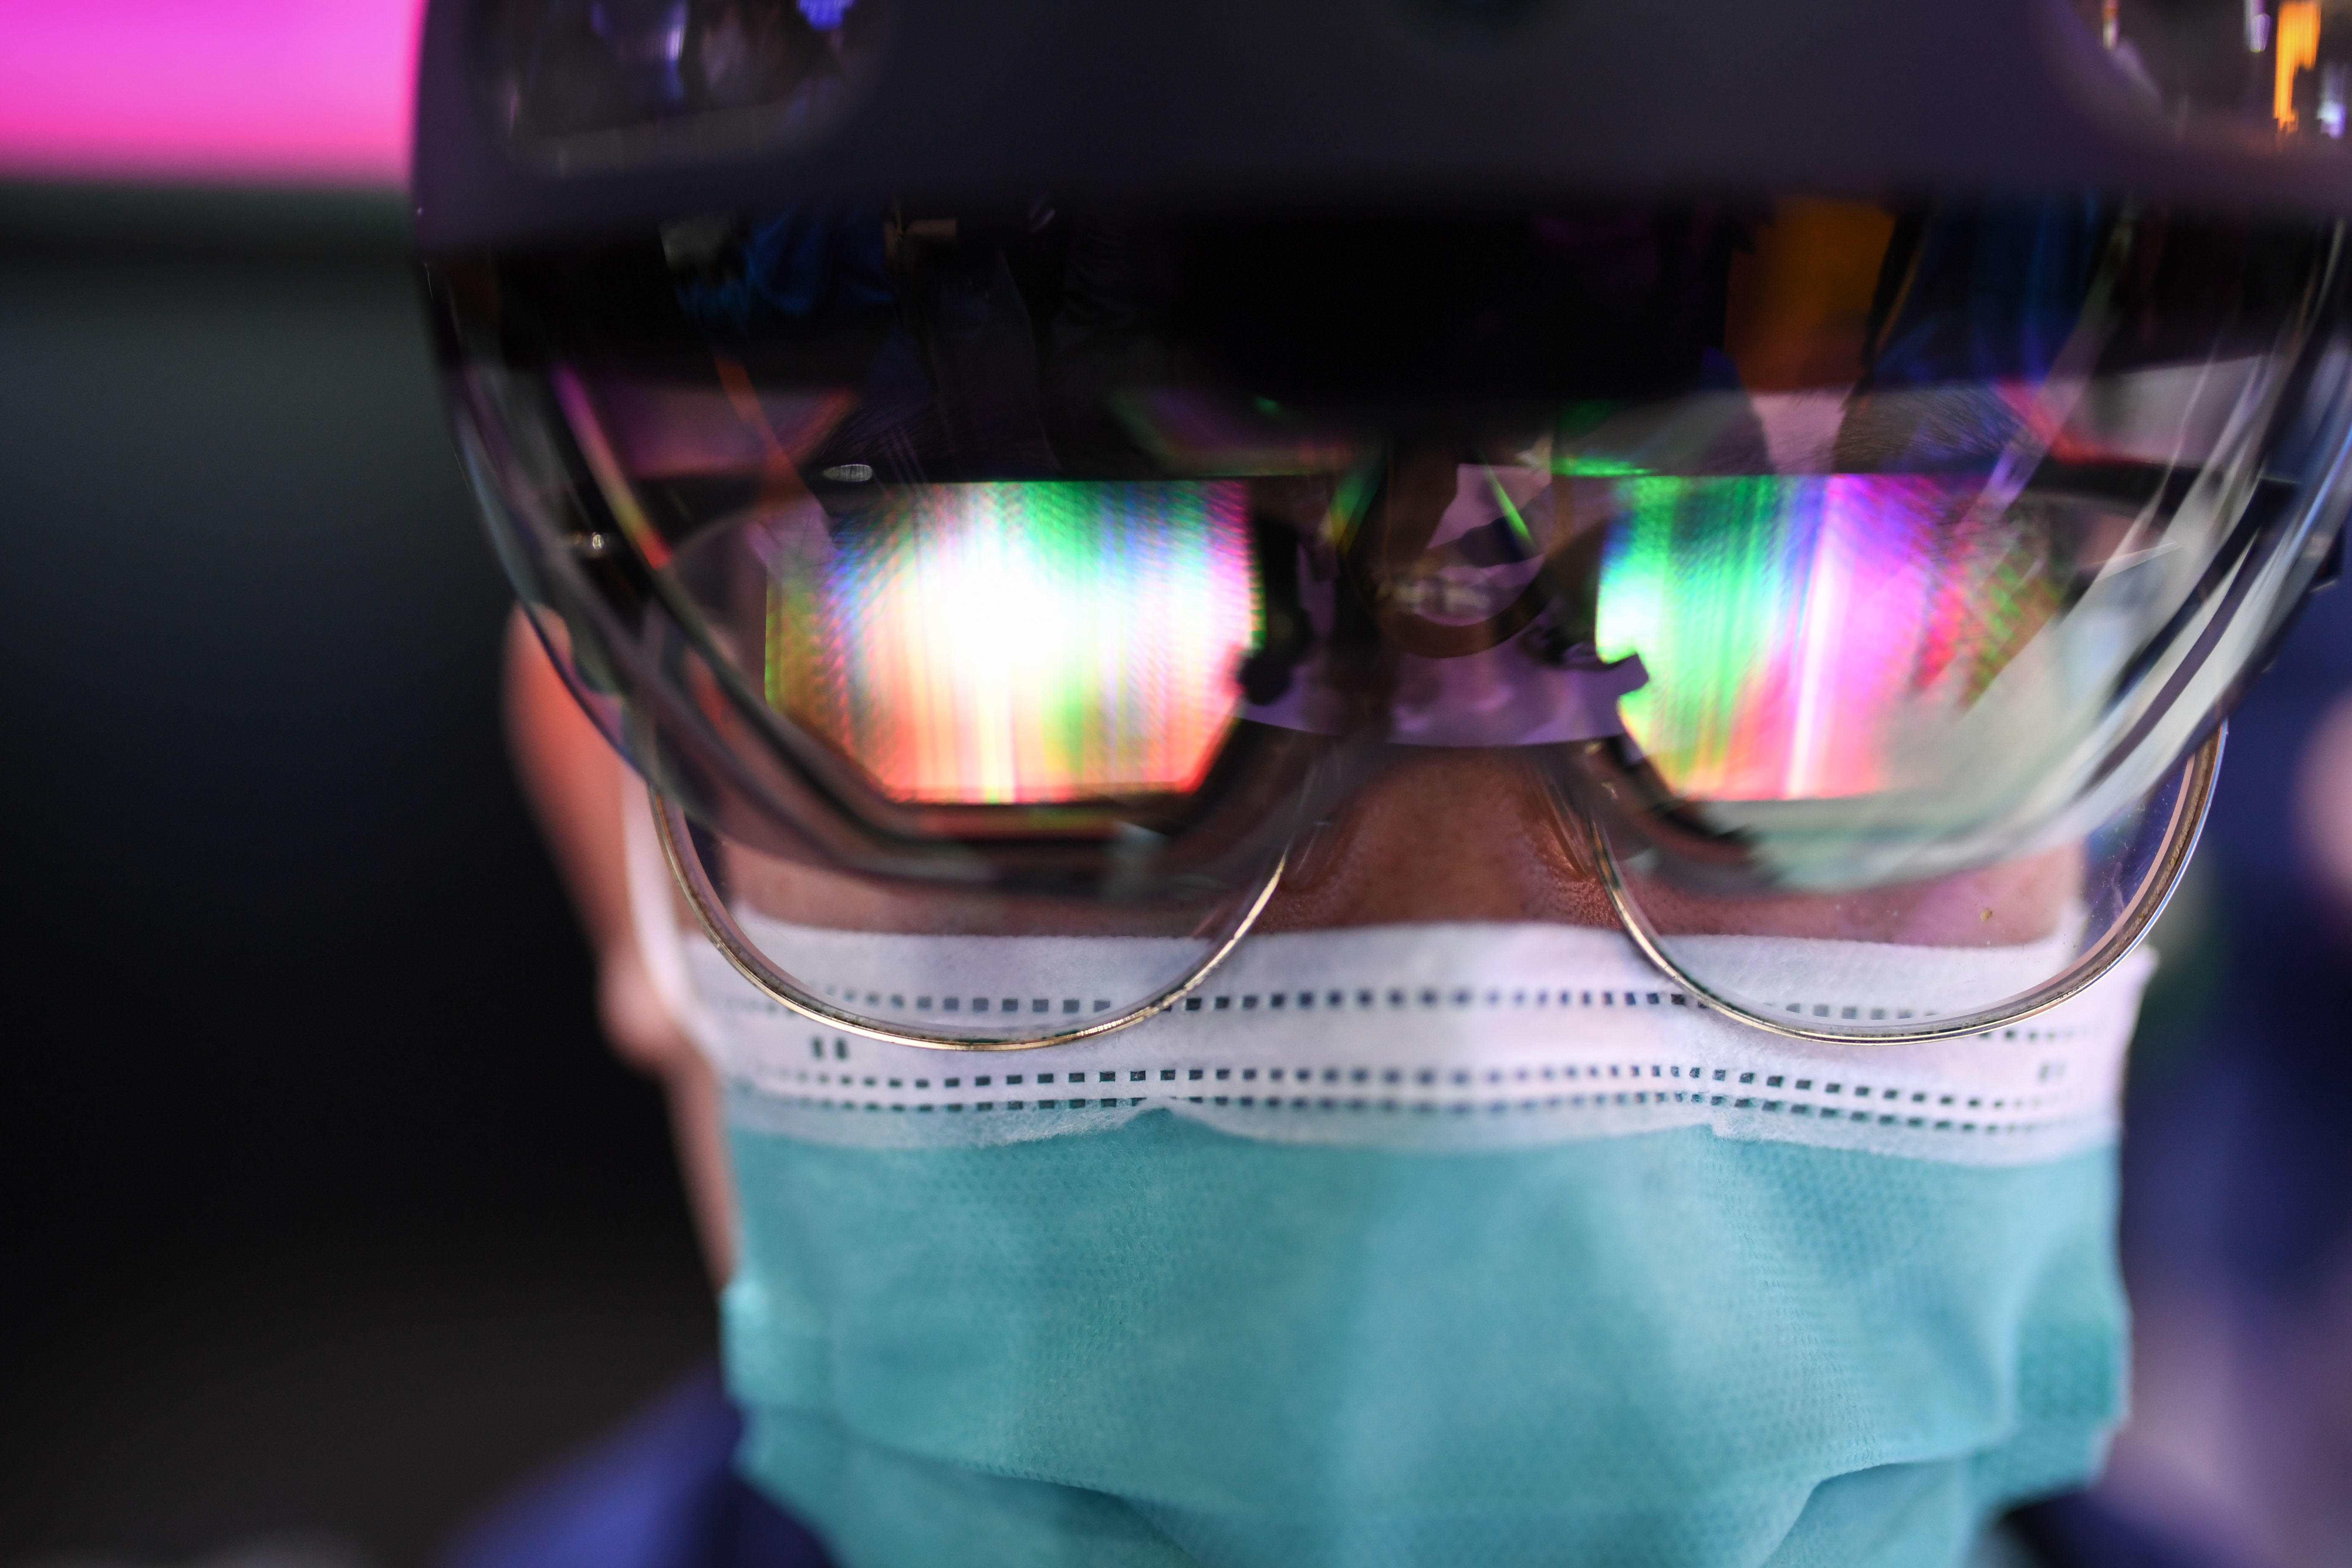 iLikeIT. Eveniment istoric: 15 chirurgi din 13 țări au operat cu ajutorul tehnologiei HoloLens